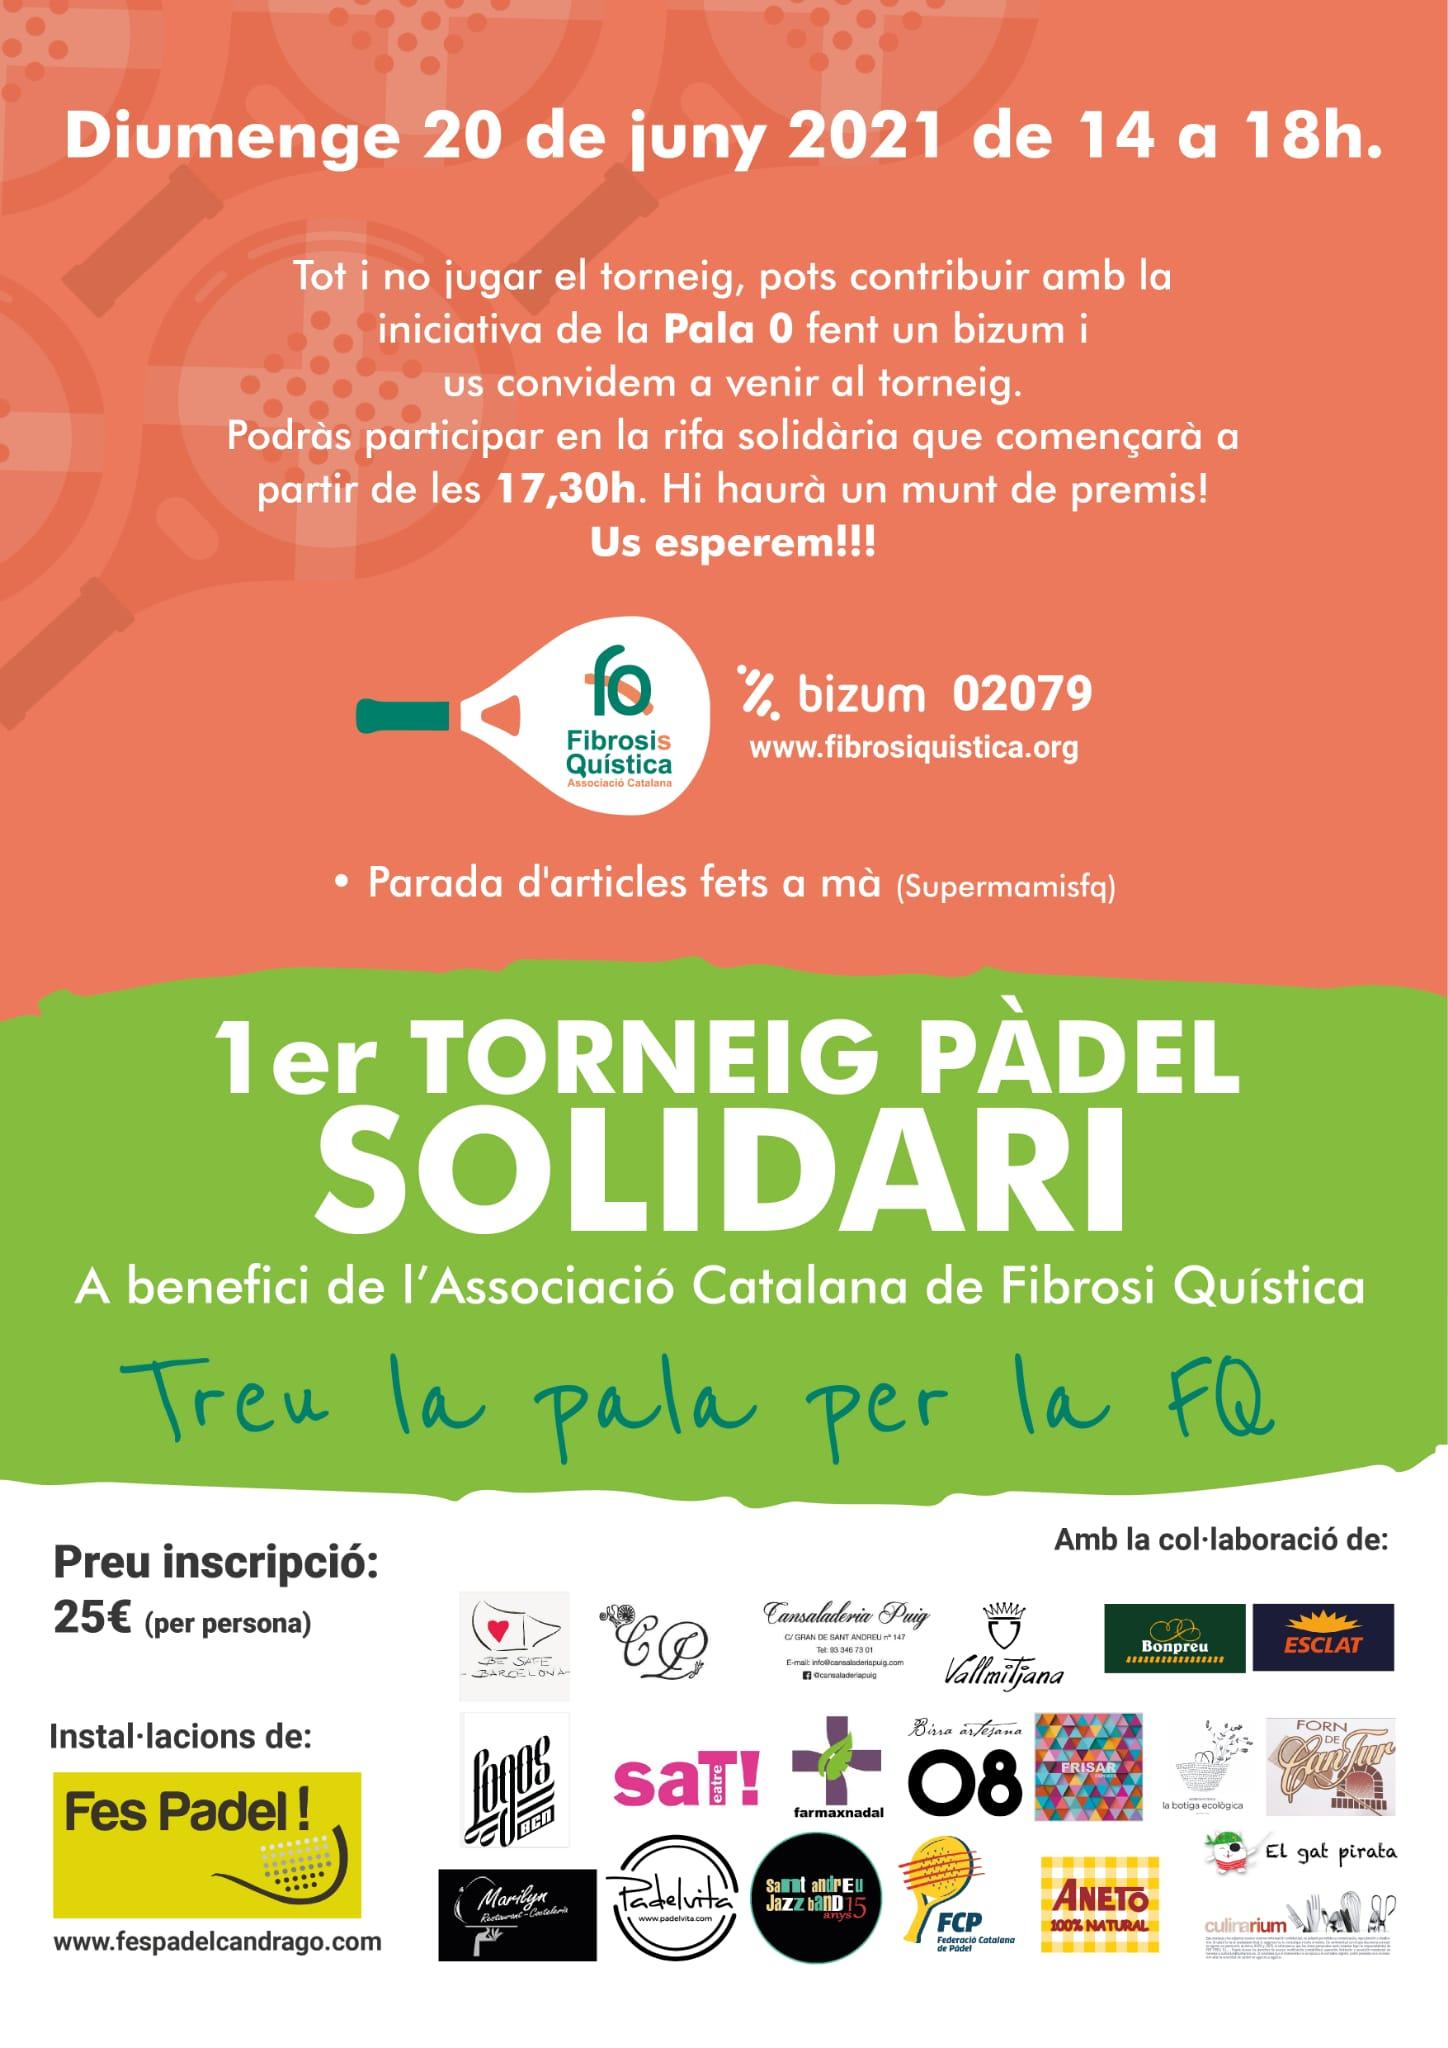 1er Torneig De Pàdel Solidari A Benefici De L'ACFQ